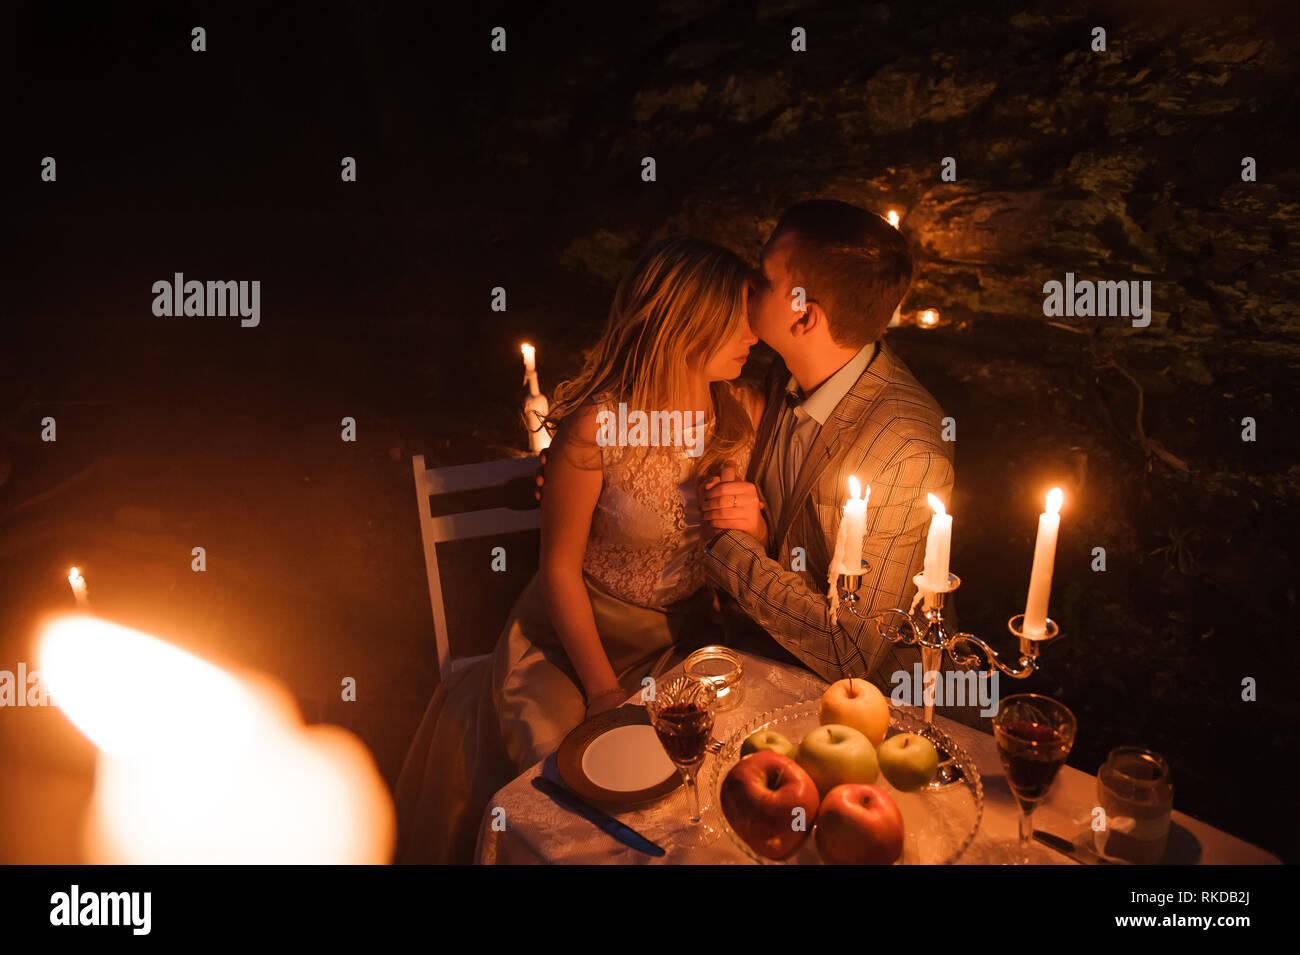 Diner Romantique D Un Jeune Couple Aux Chandelles Dans La Montagne Photo Stock Alamy